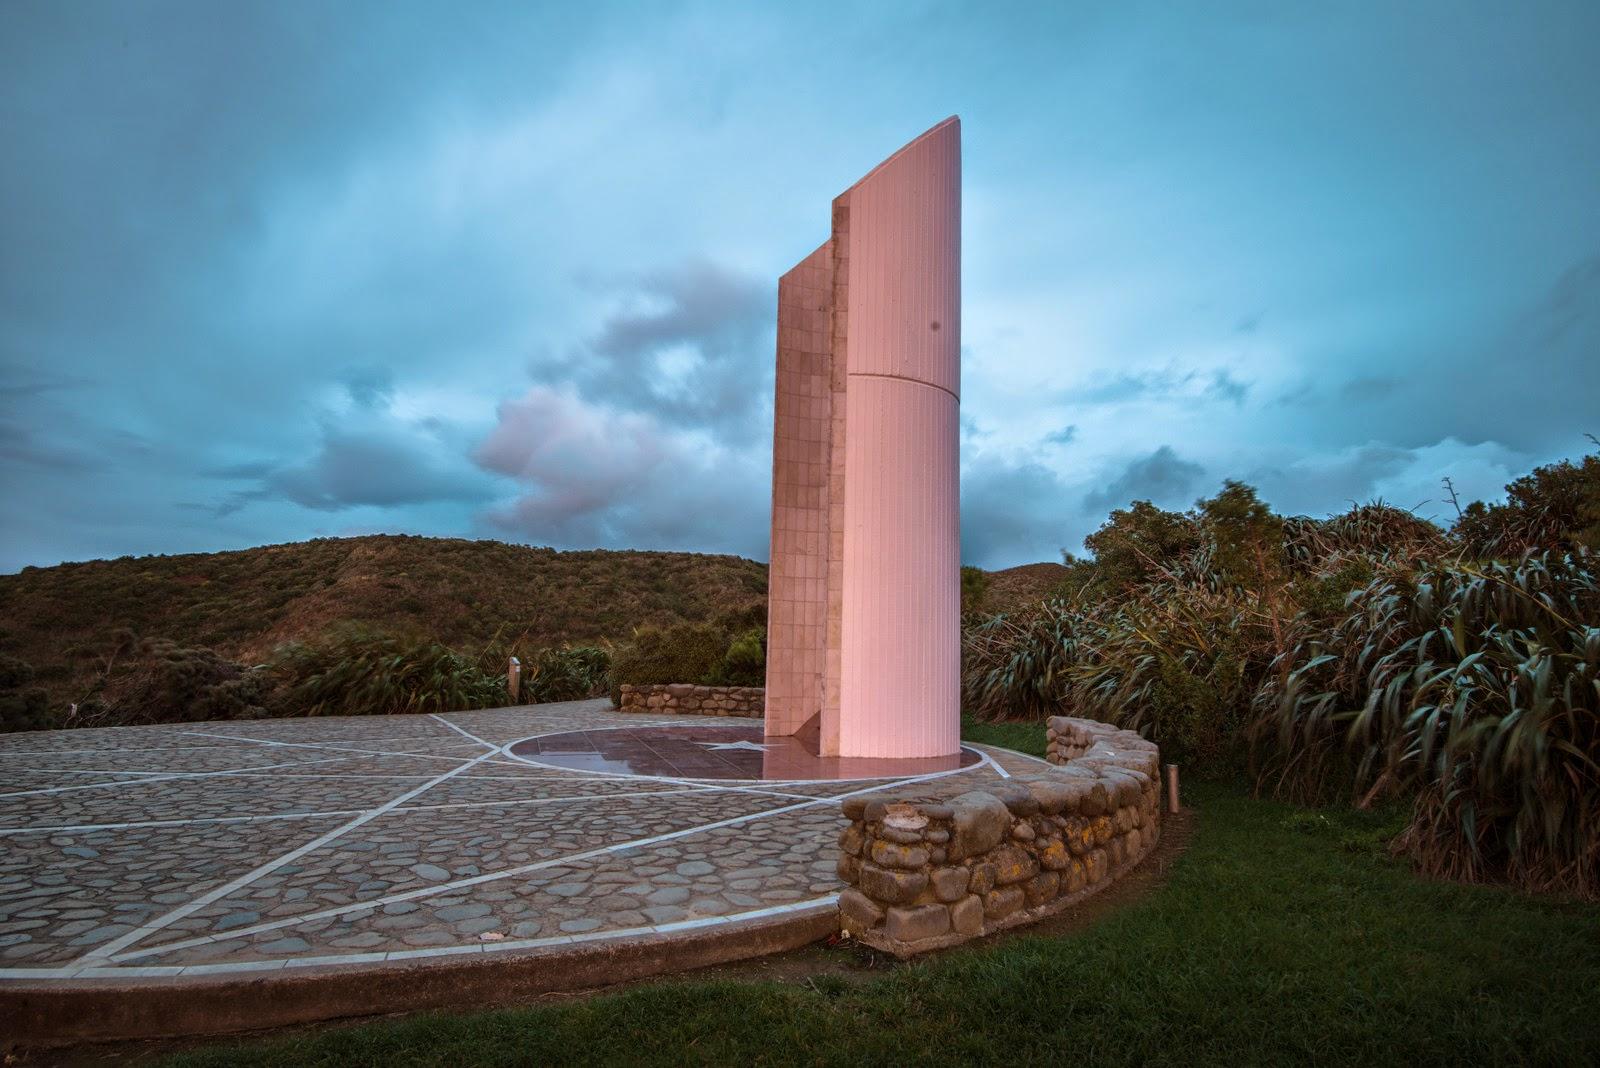 Stormy skies Ataturk memorial